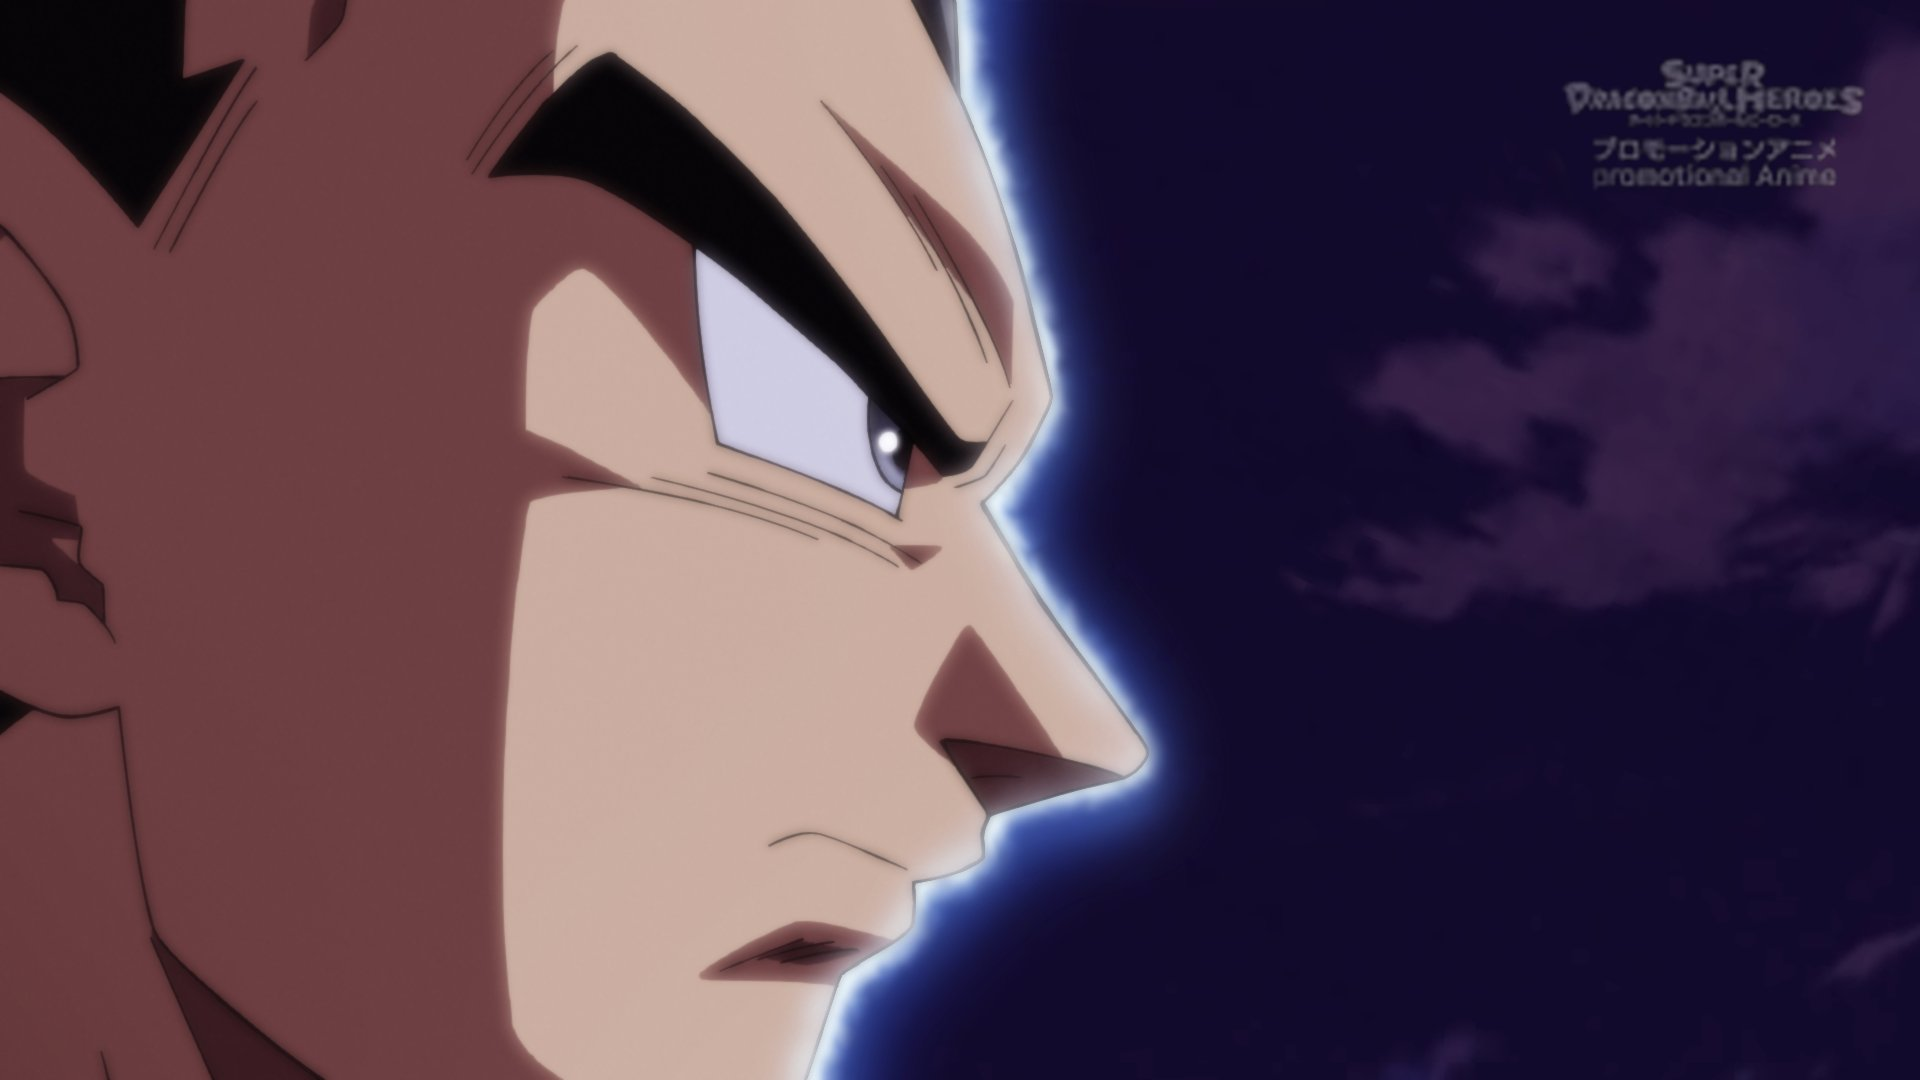 Dragon Ball Heroes El Ultra Instinto De Vegeta Despierta En El